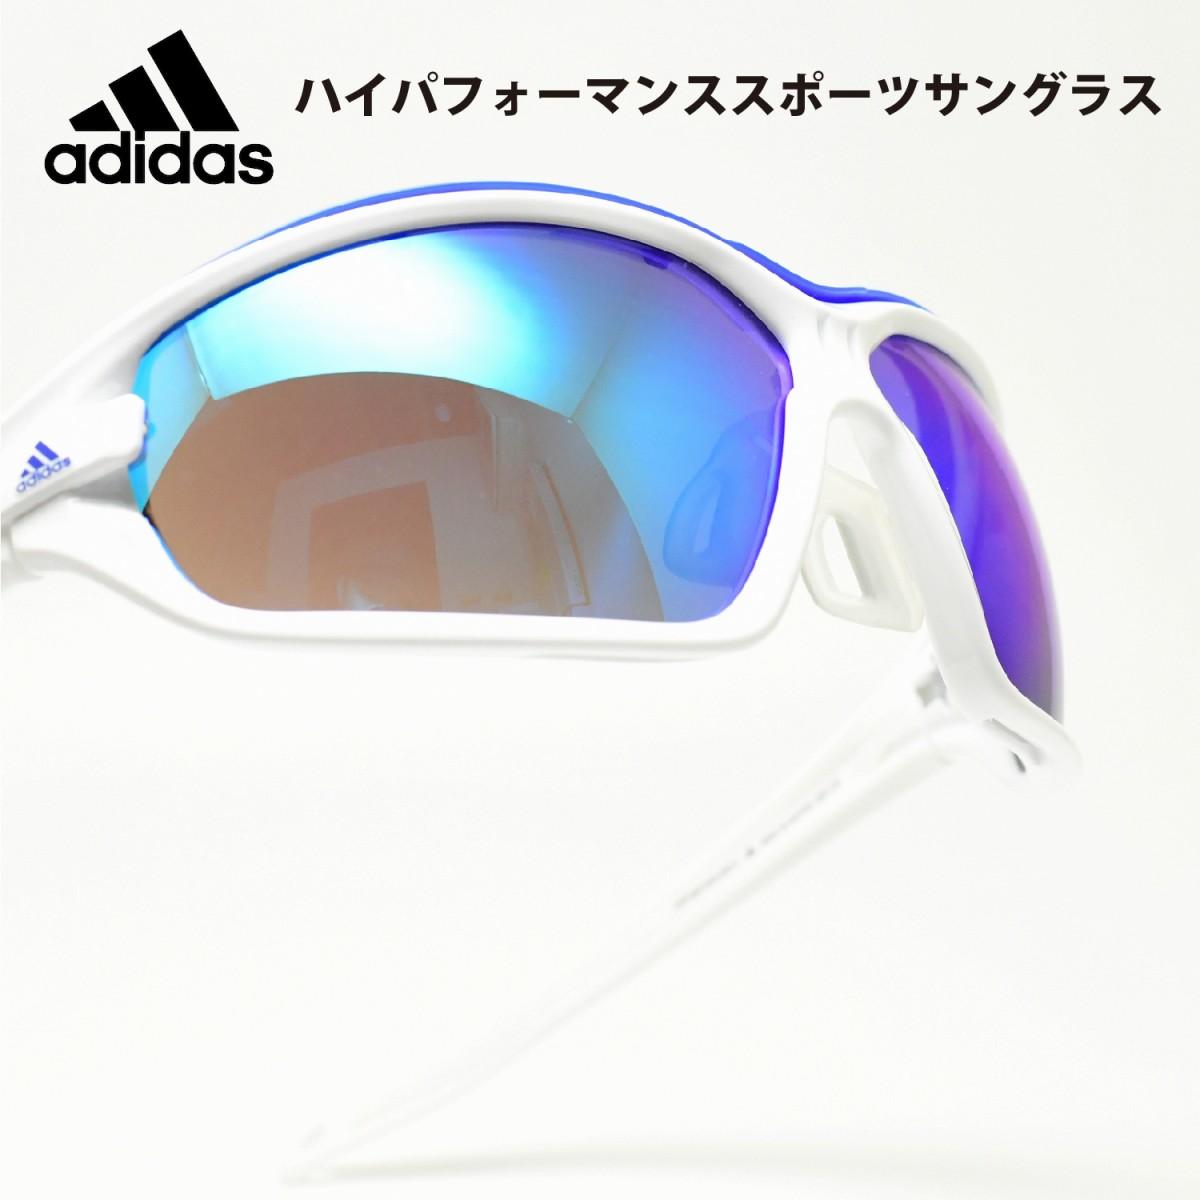 adidas アディダスevileye evo pro L イービルアイ エボ プロ Lシャイニーホワイト/グレーブルーミラーHアウトレットSALE価格!!